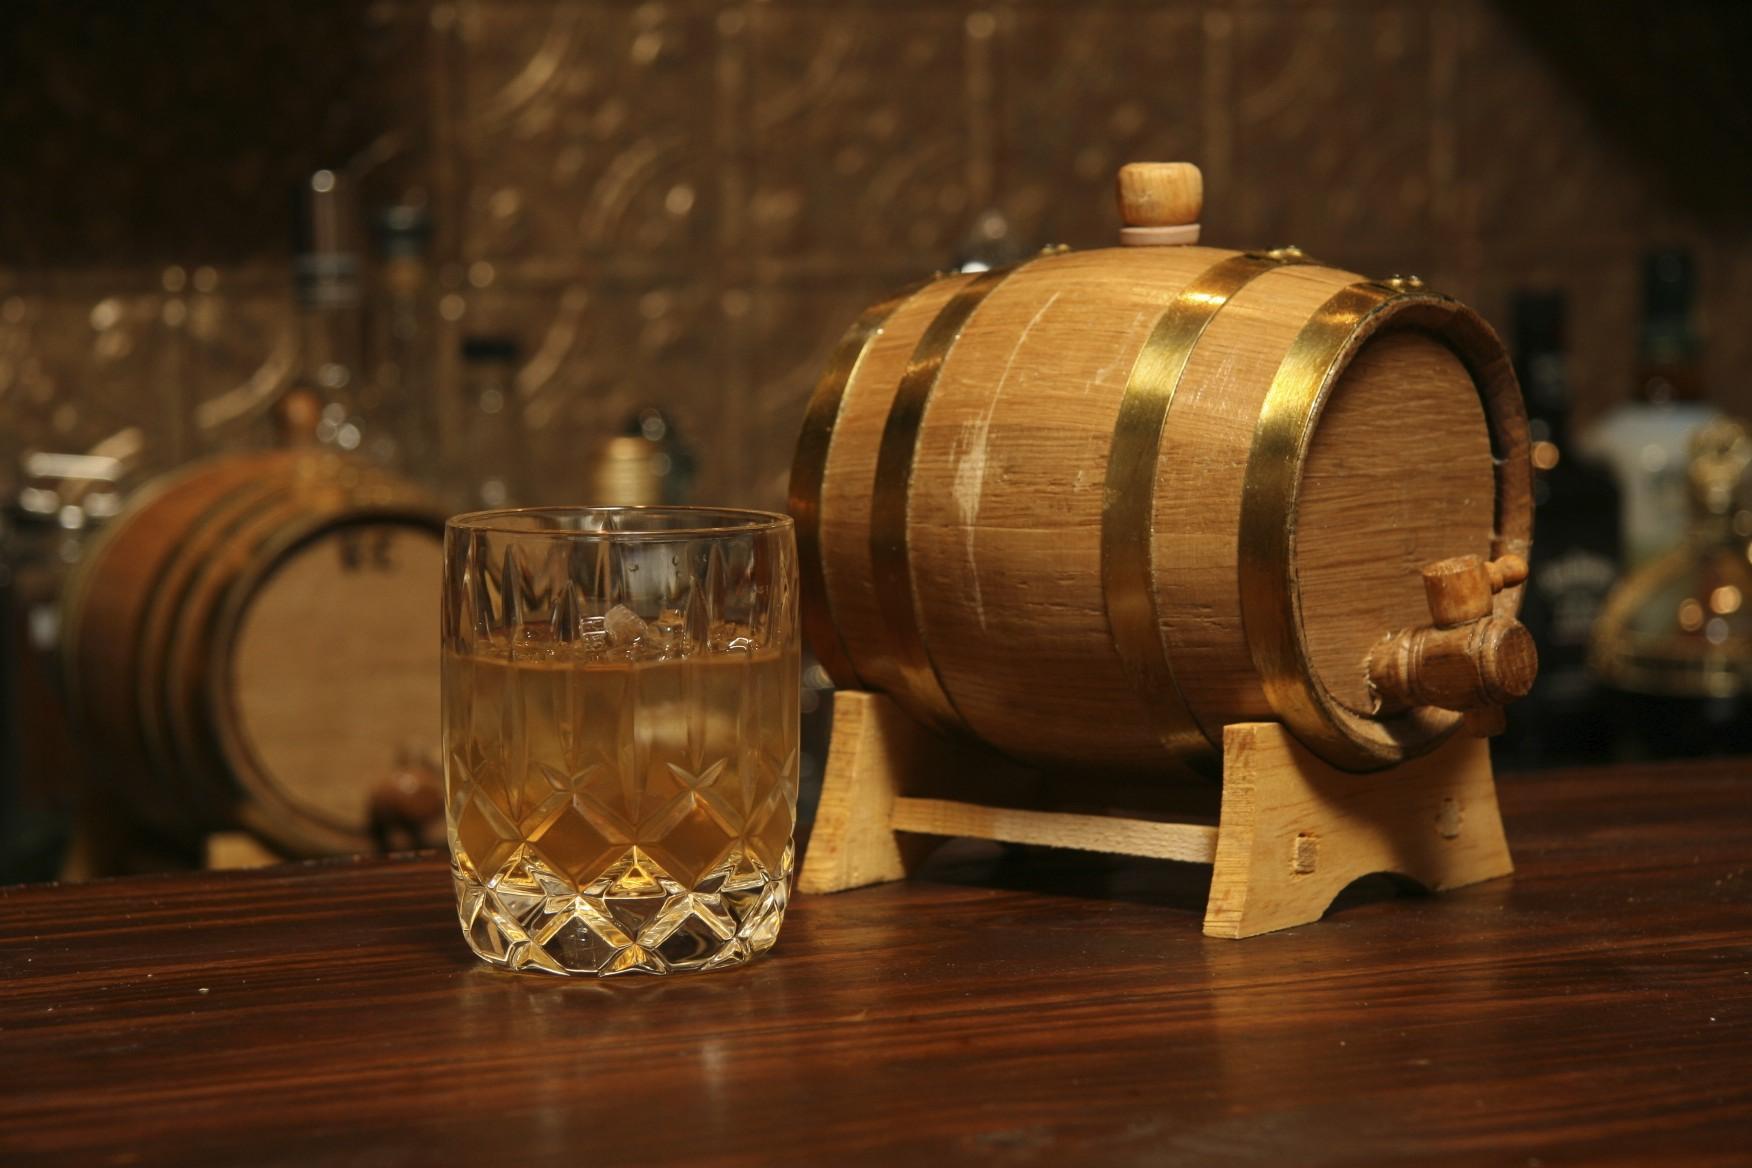 Shonari How To Make Homemade Rum